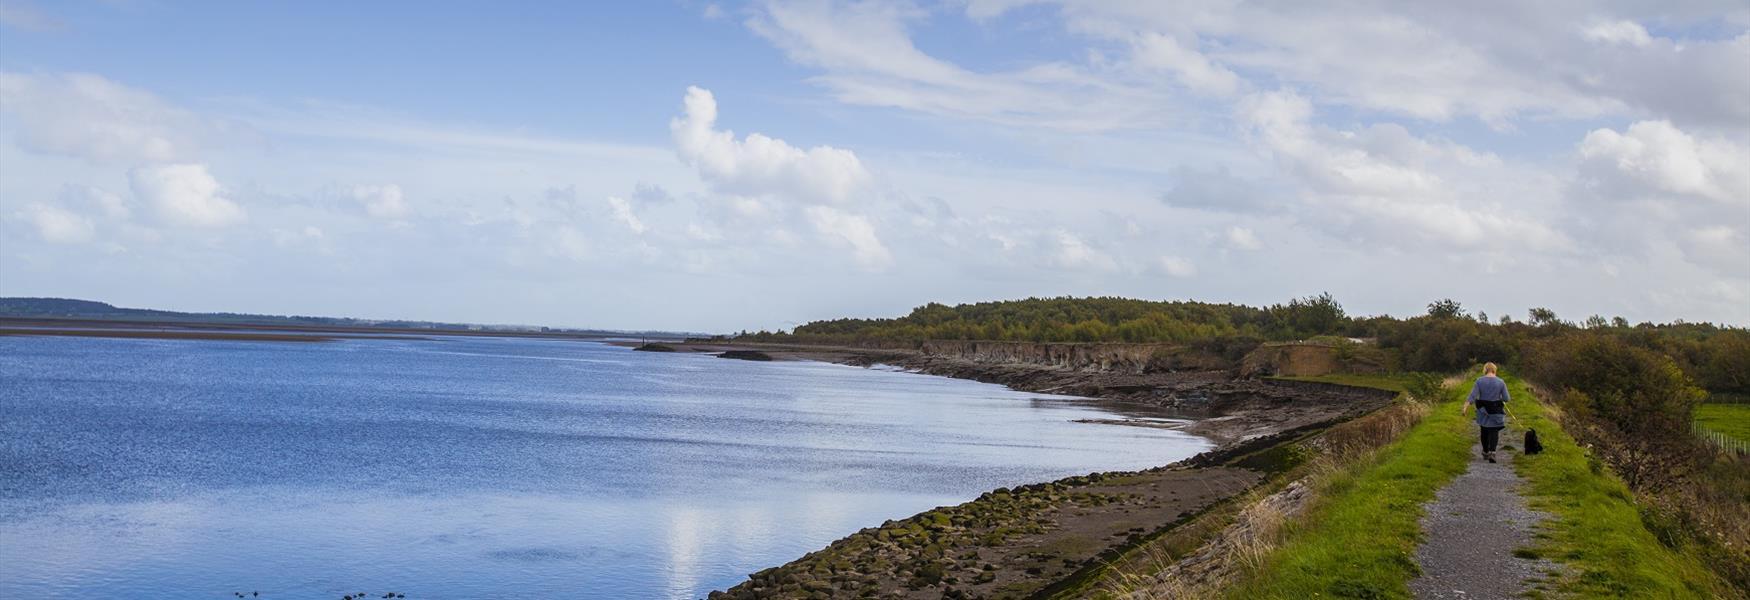 Wales Coastal Path, Flintshire